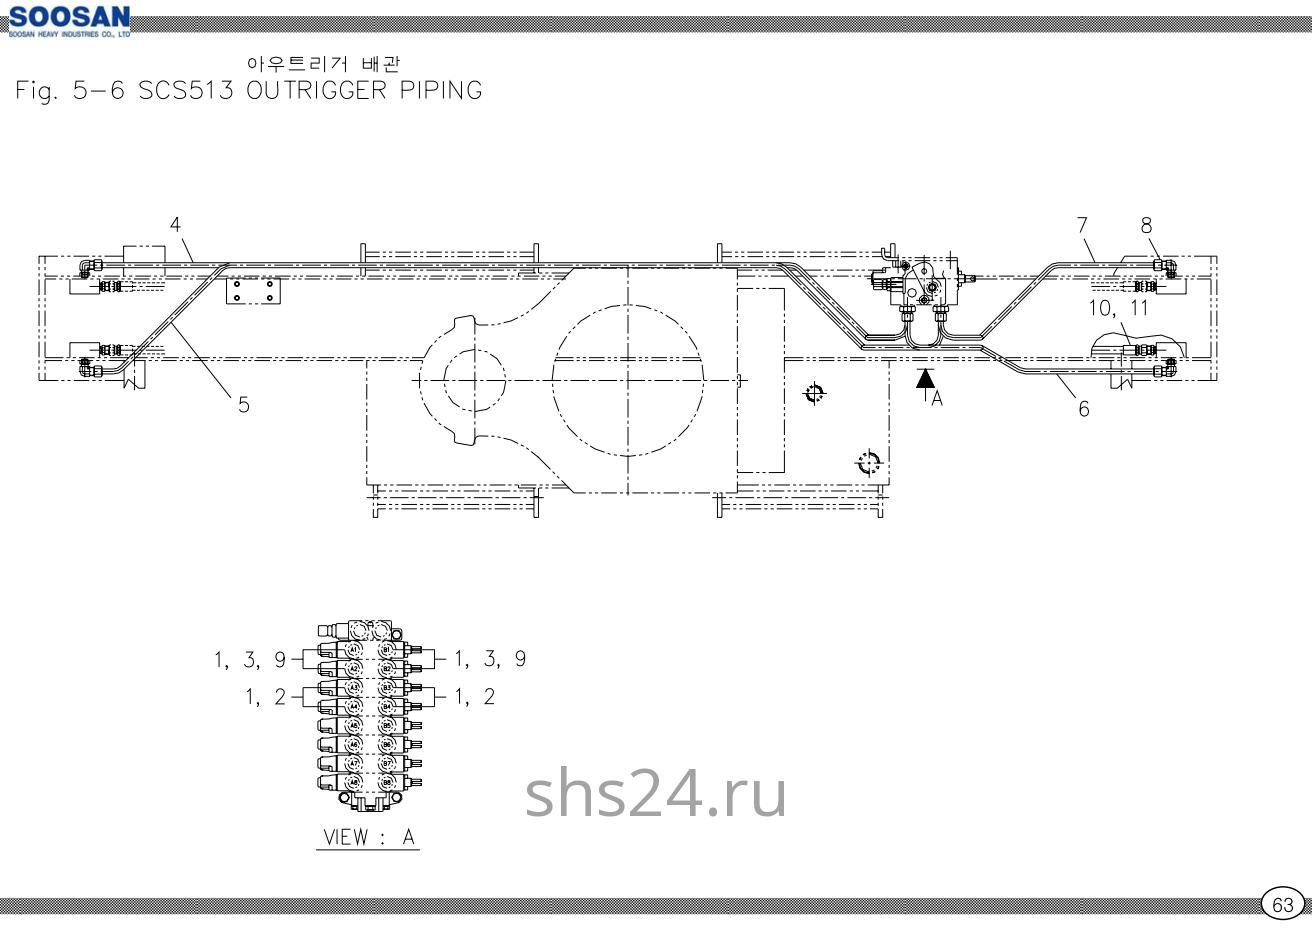 Подключение аутригеров Soosan SCS 513